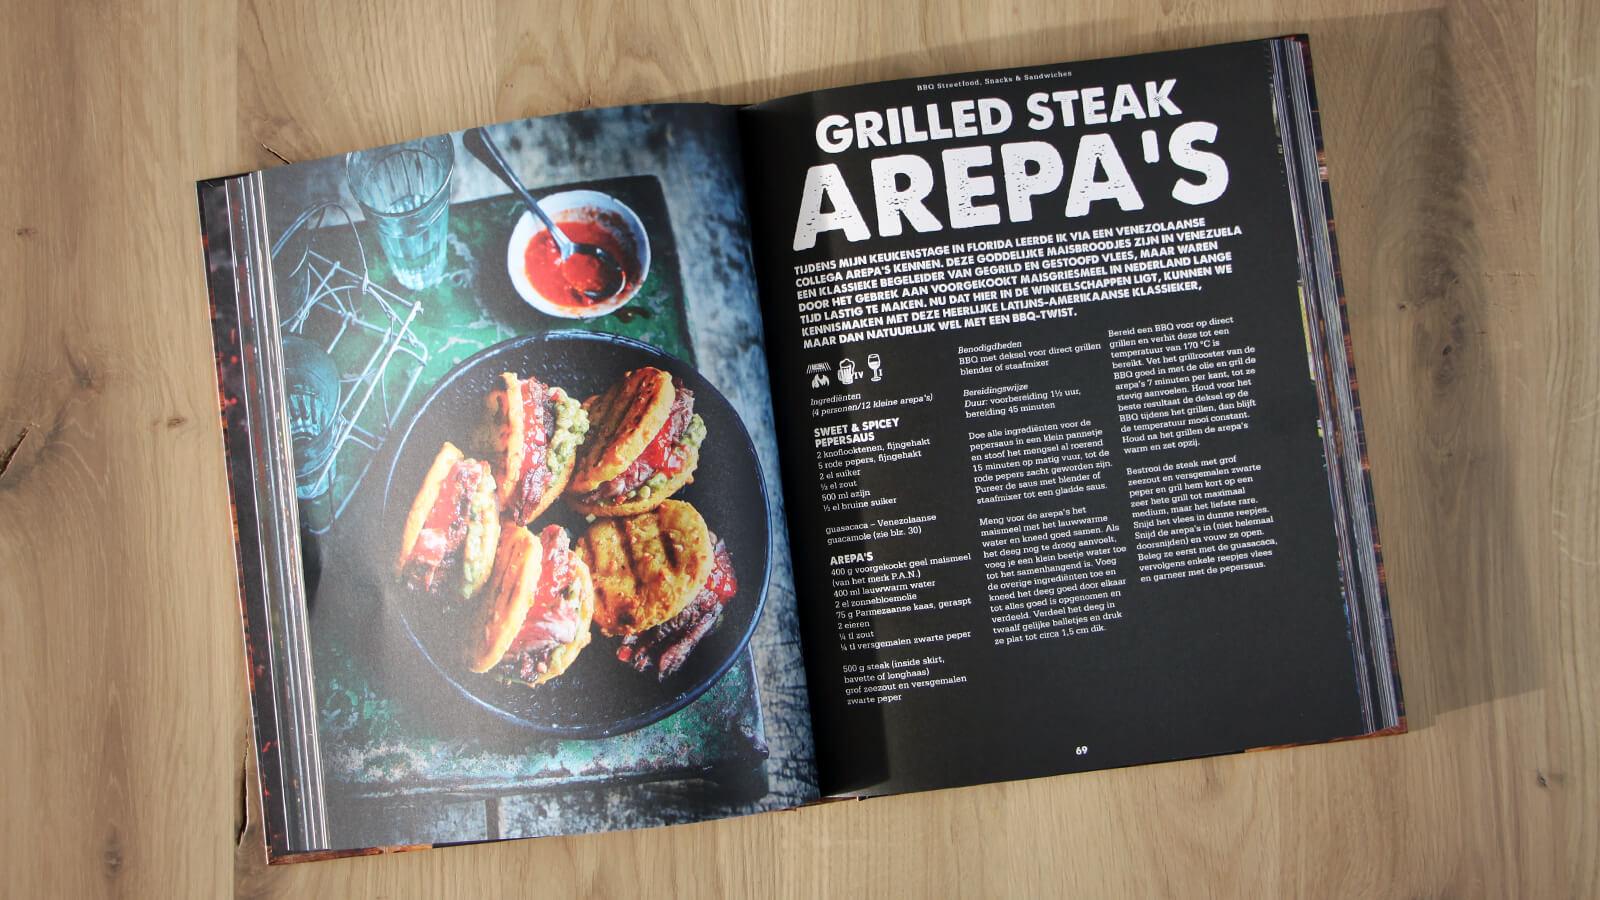 Het volgende recept uit Smokey Goodness II dat ik ga bereiden is deze voor grilled steak arepa's!